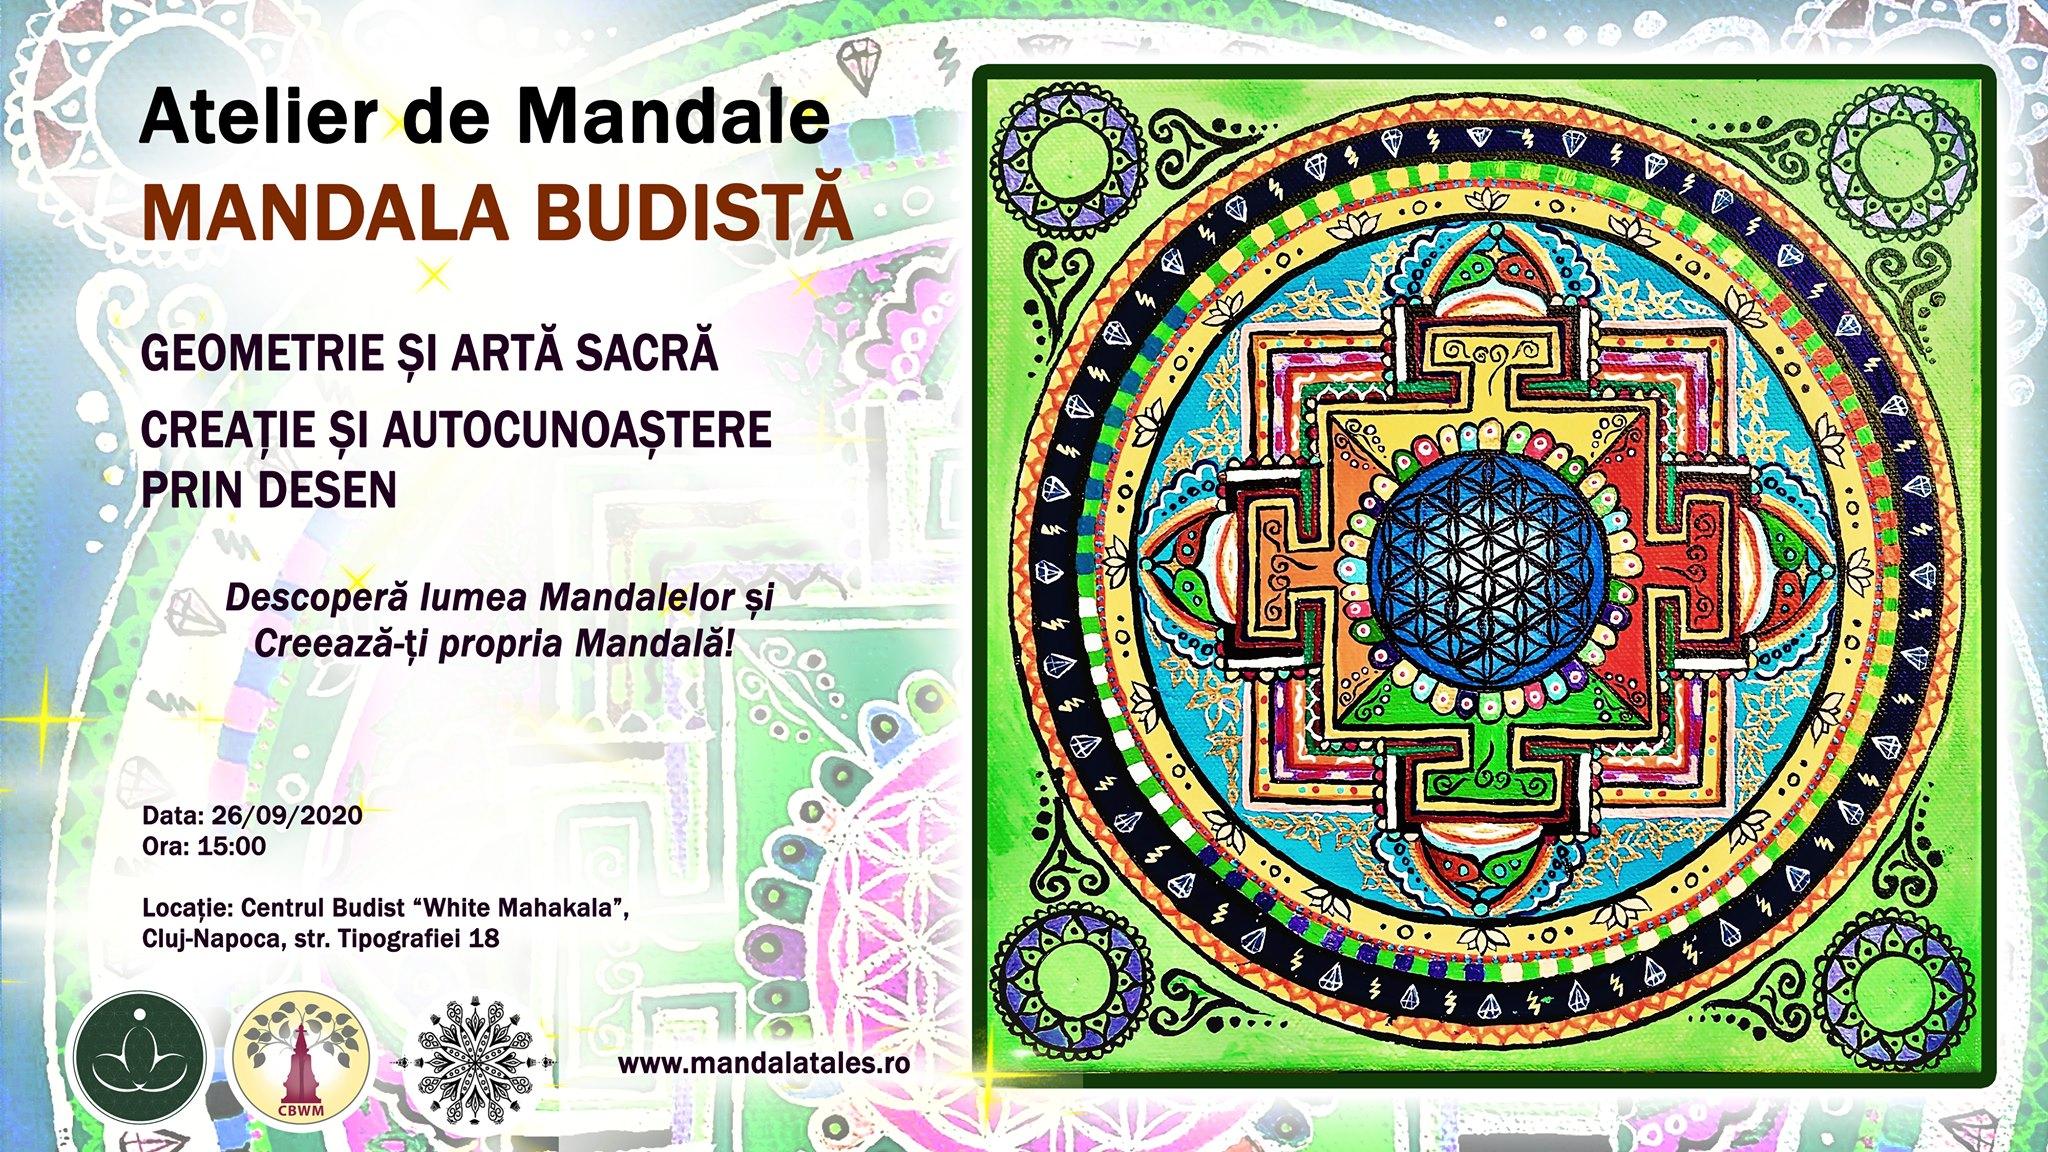 Atelier de Mandale. MANDALA BUDISTĂ. Geometrie și Artă Sacră. Creație și Autocunoaștere prin desen